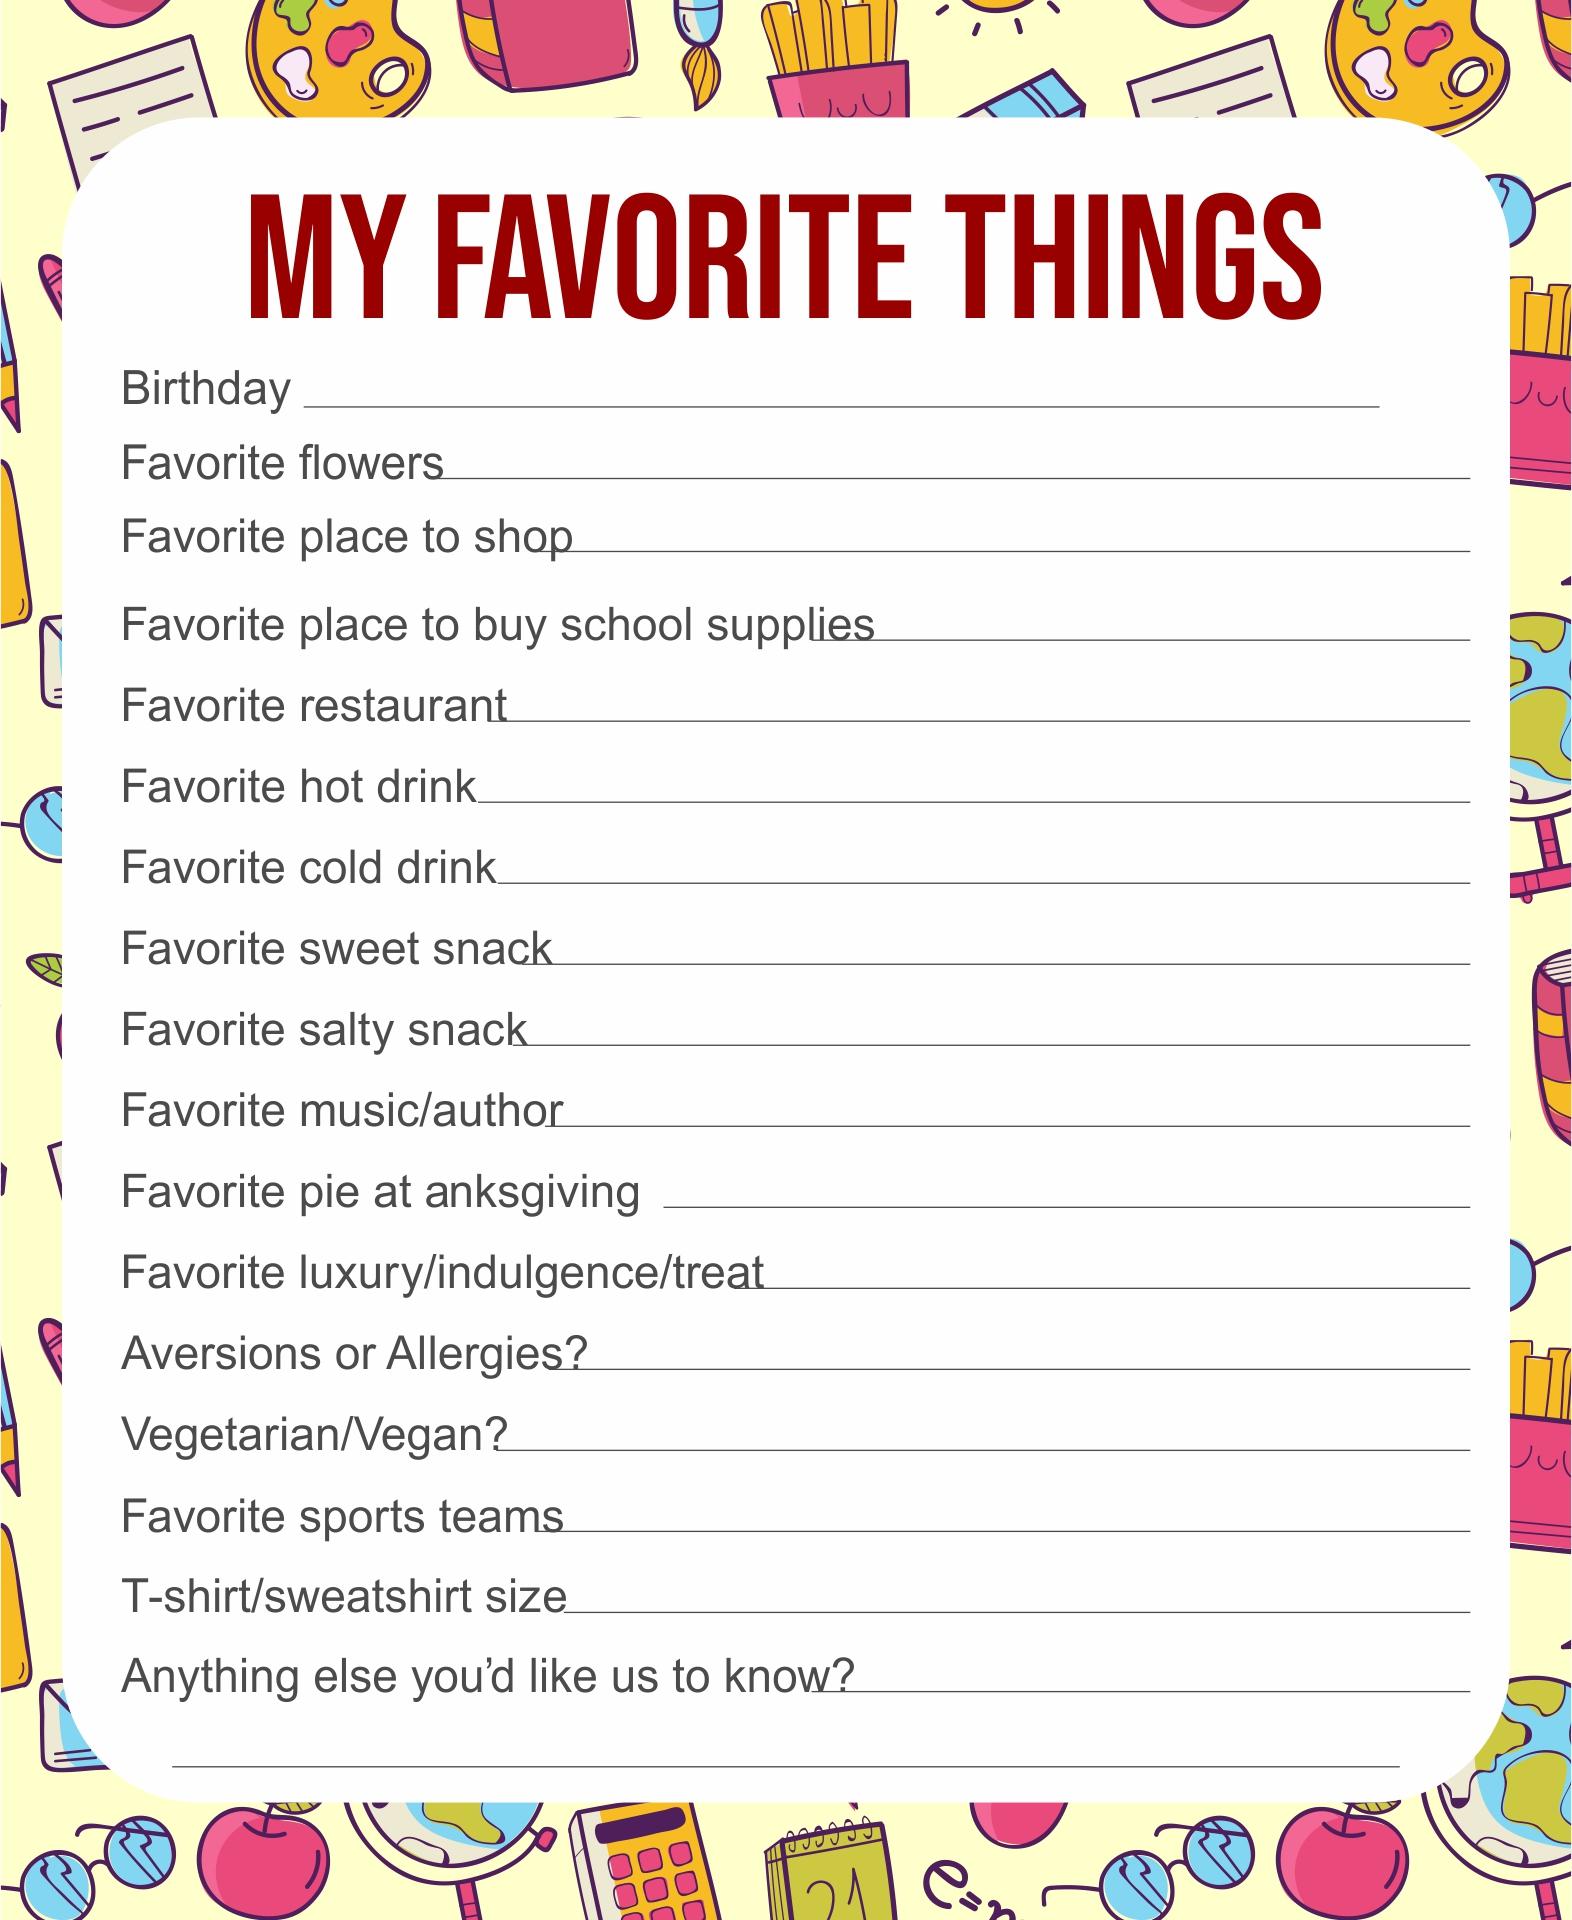 5 Best My Favorite Things Template Printable